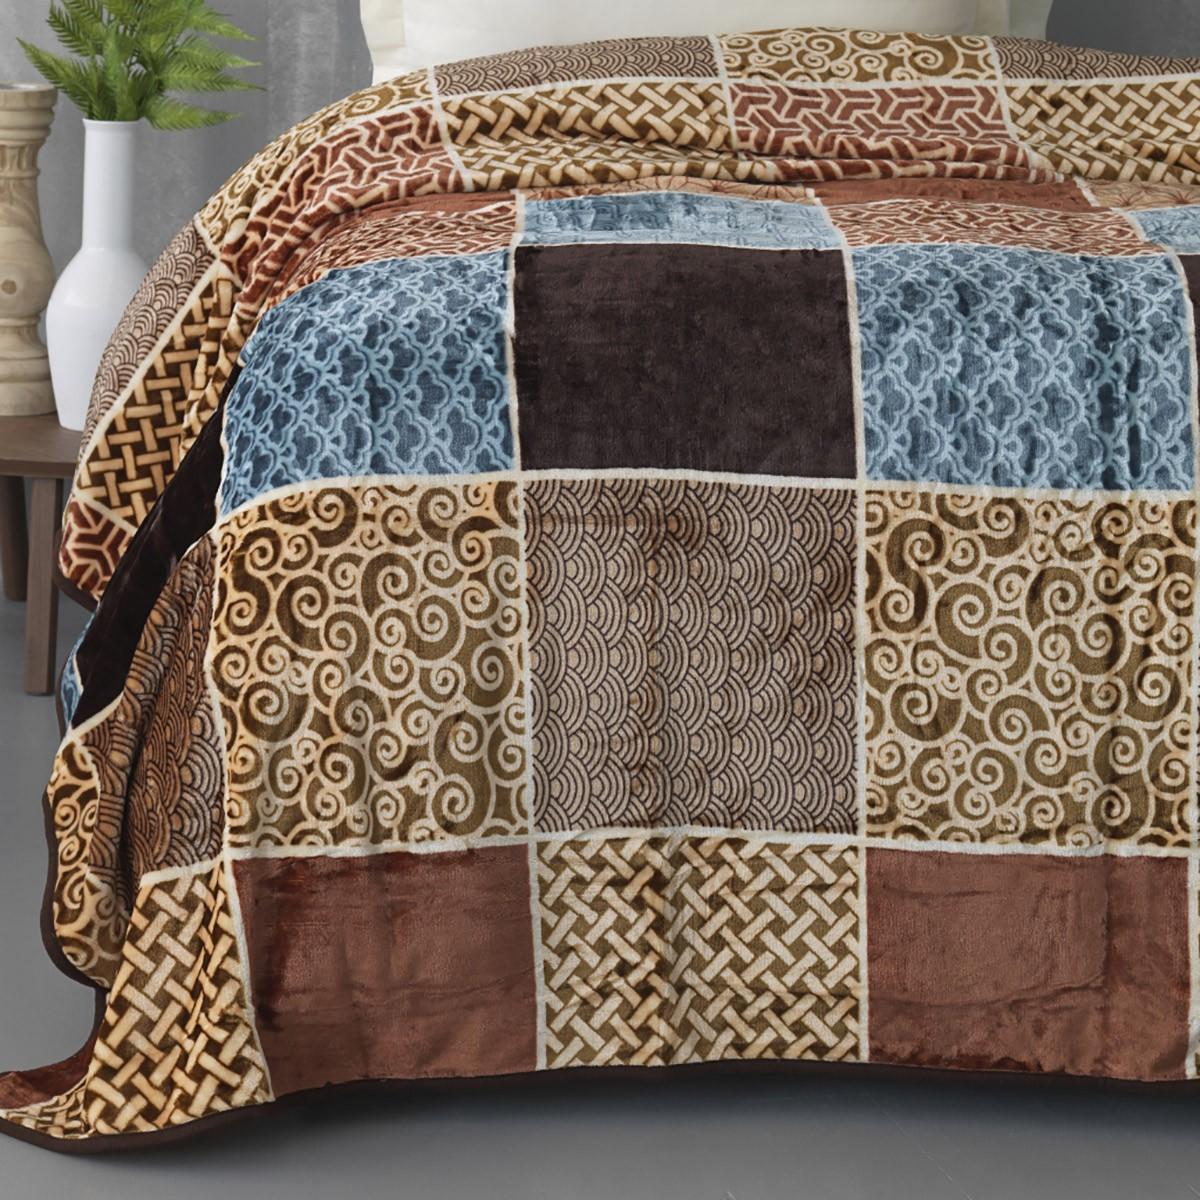 Κουβέρτα Fleece Μονή Palamaiki Silky 247 home   κρεβατοκάμαρα   κουβέρτες   κουβέρτες fleece μονές